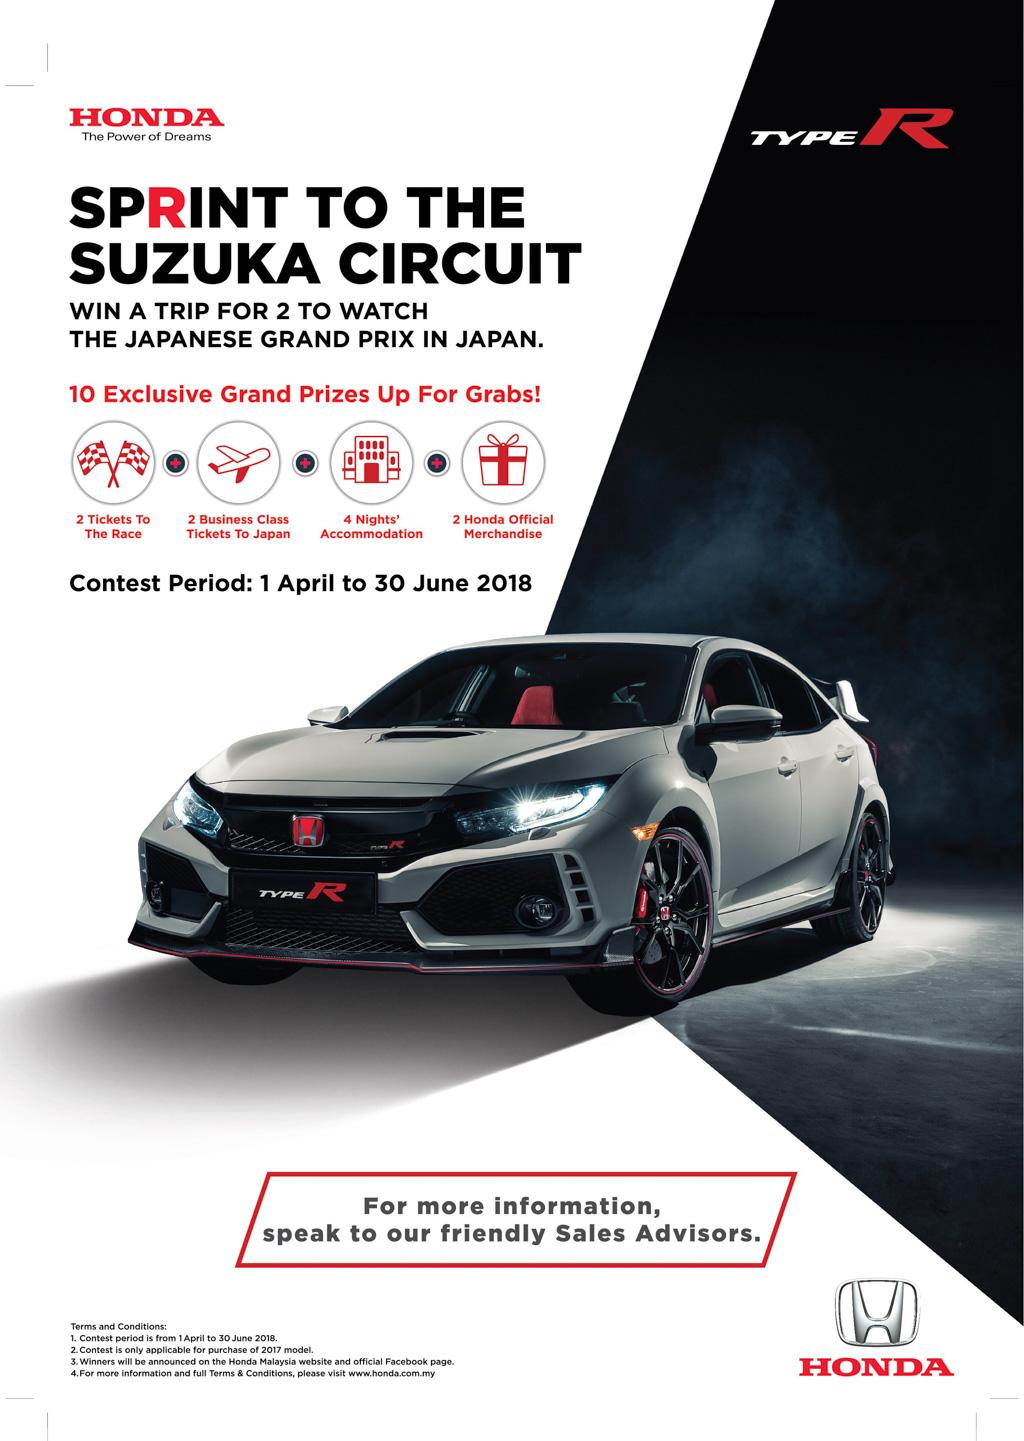 Honda Civic Type R 独家好康,赢取前往日本观赏F1赛事机会!